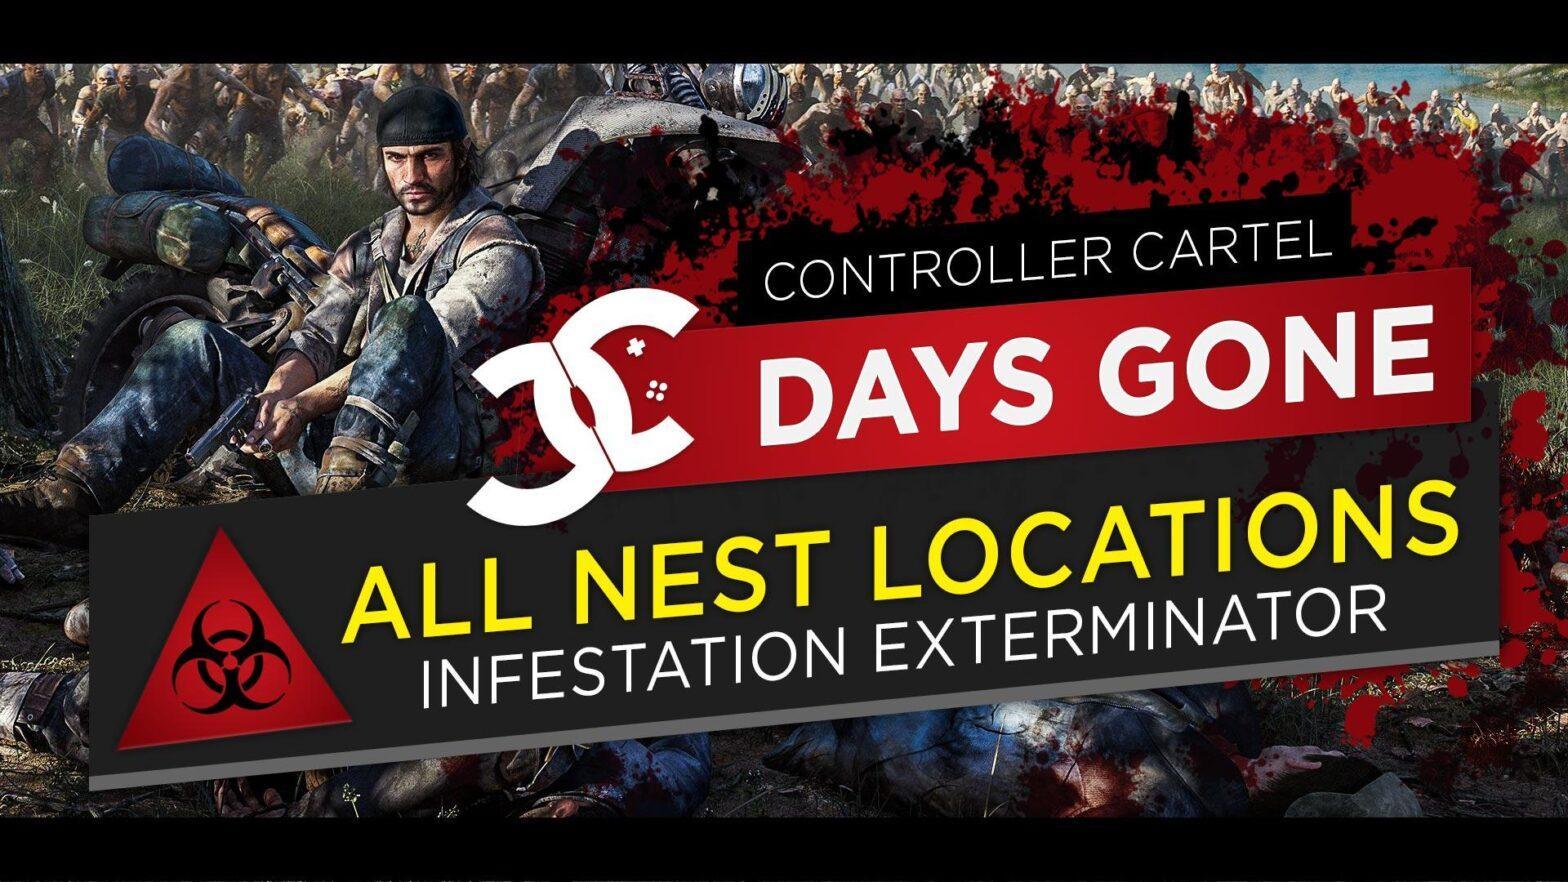 Days Gone Infestation Exterminator